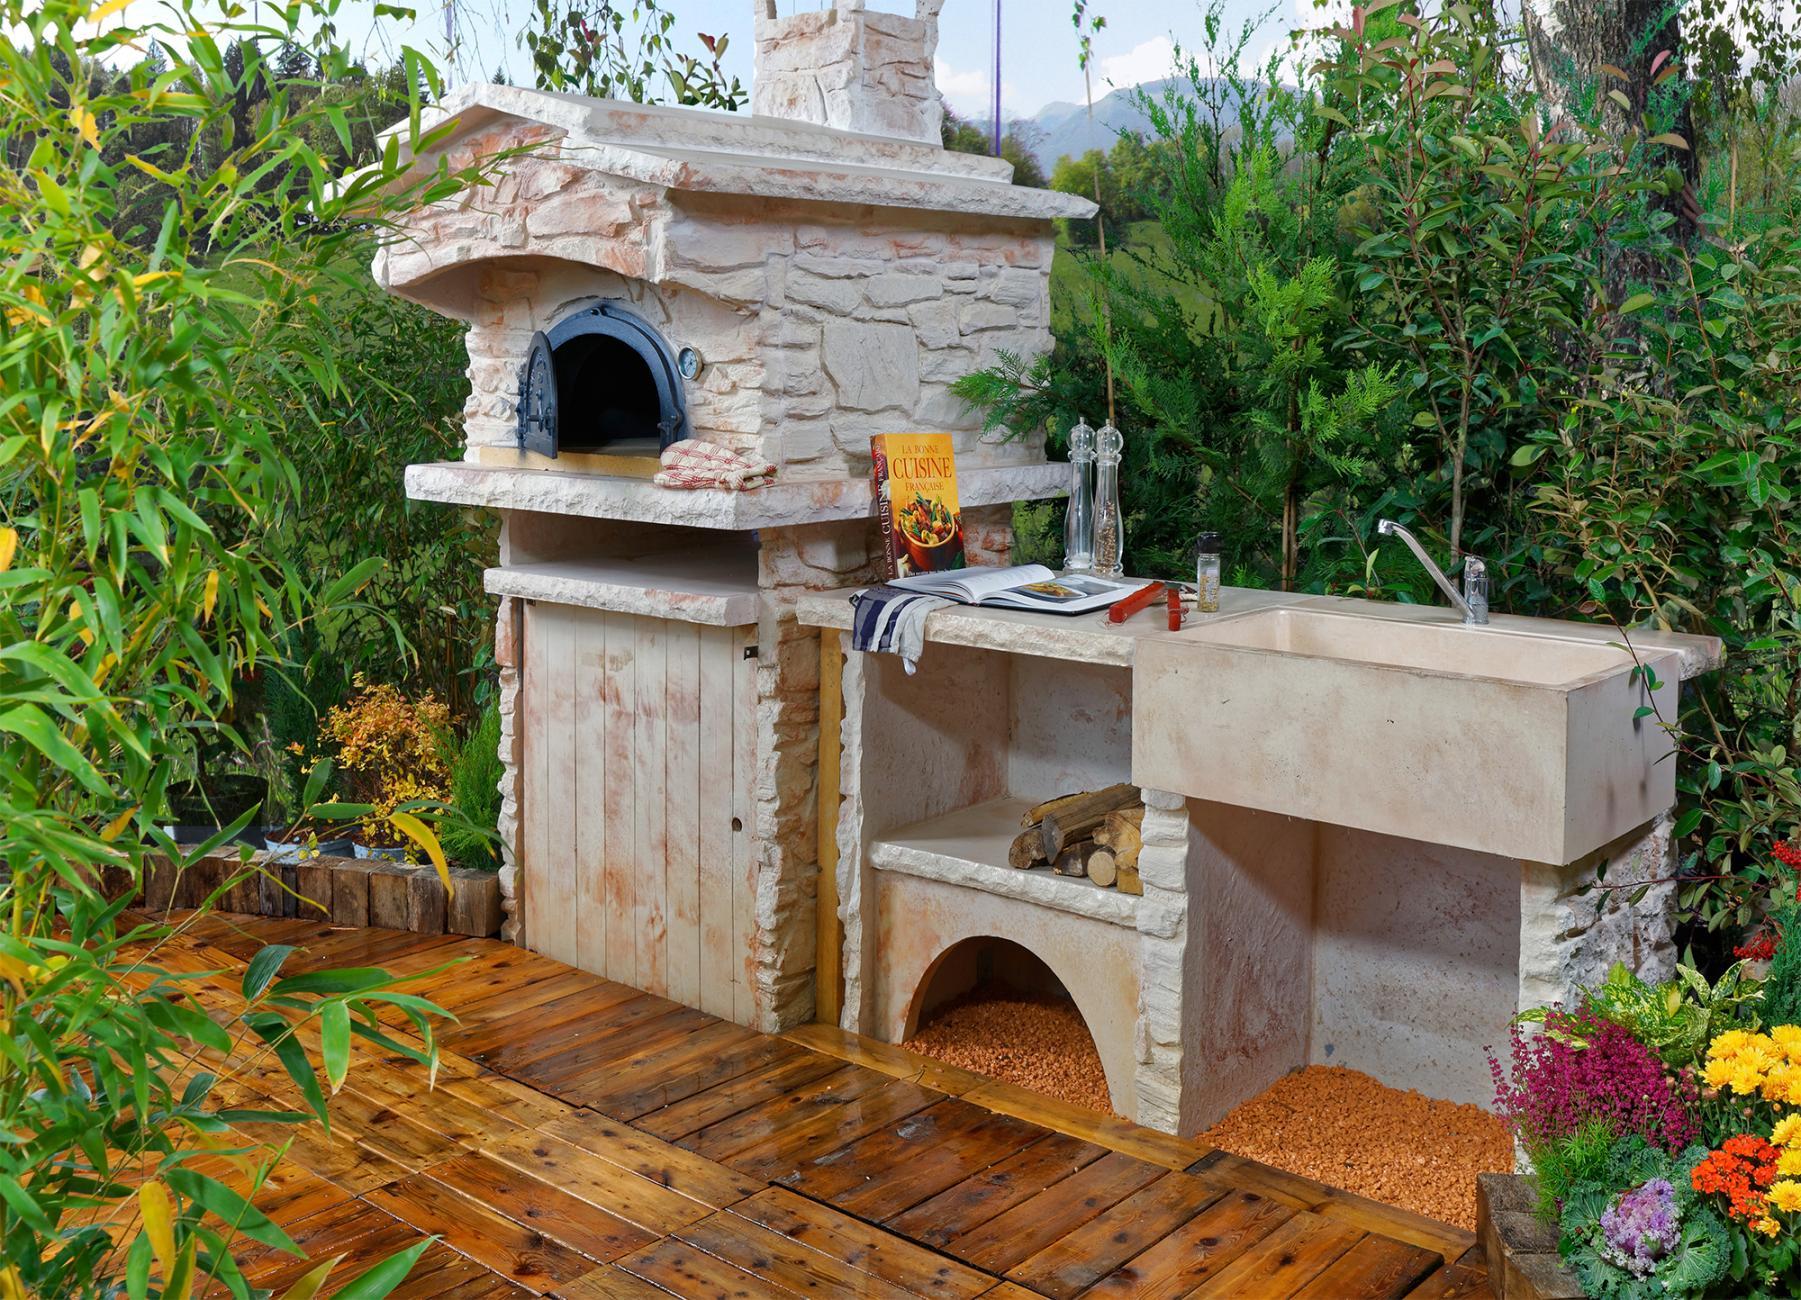 Cuisine d t ext rieure en pierre avec four pain vier en pierre - Four a pizza de jardin ...